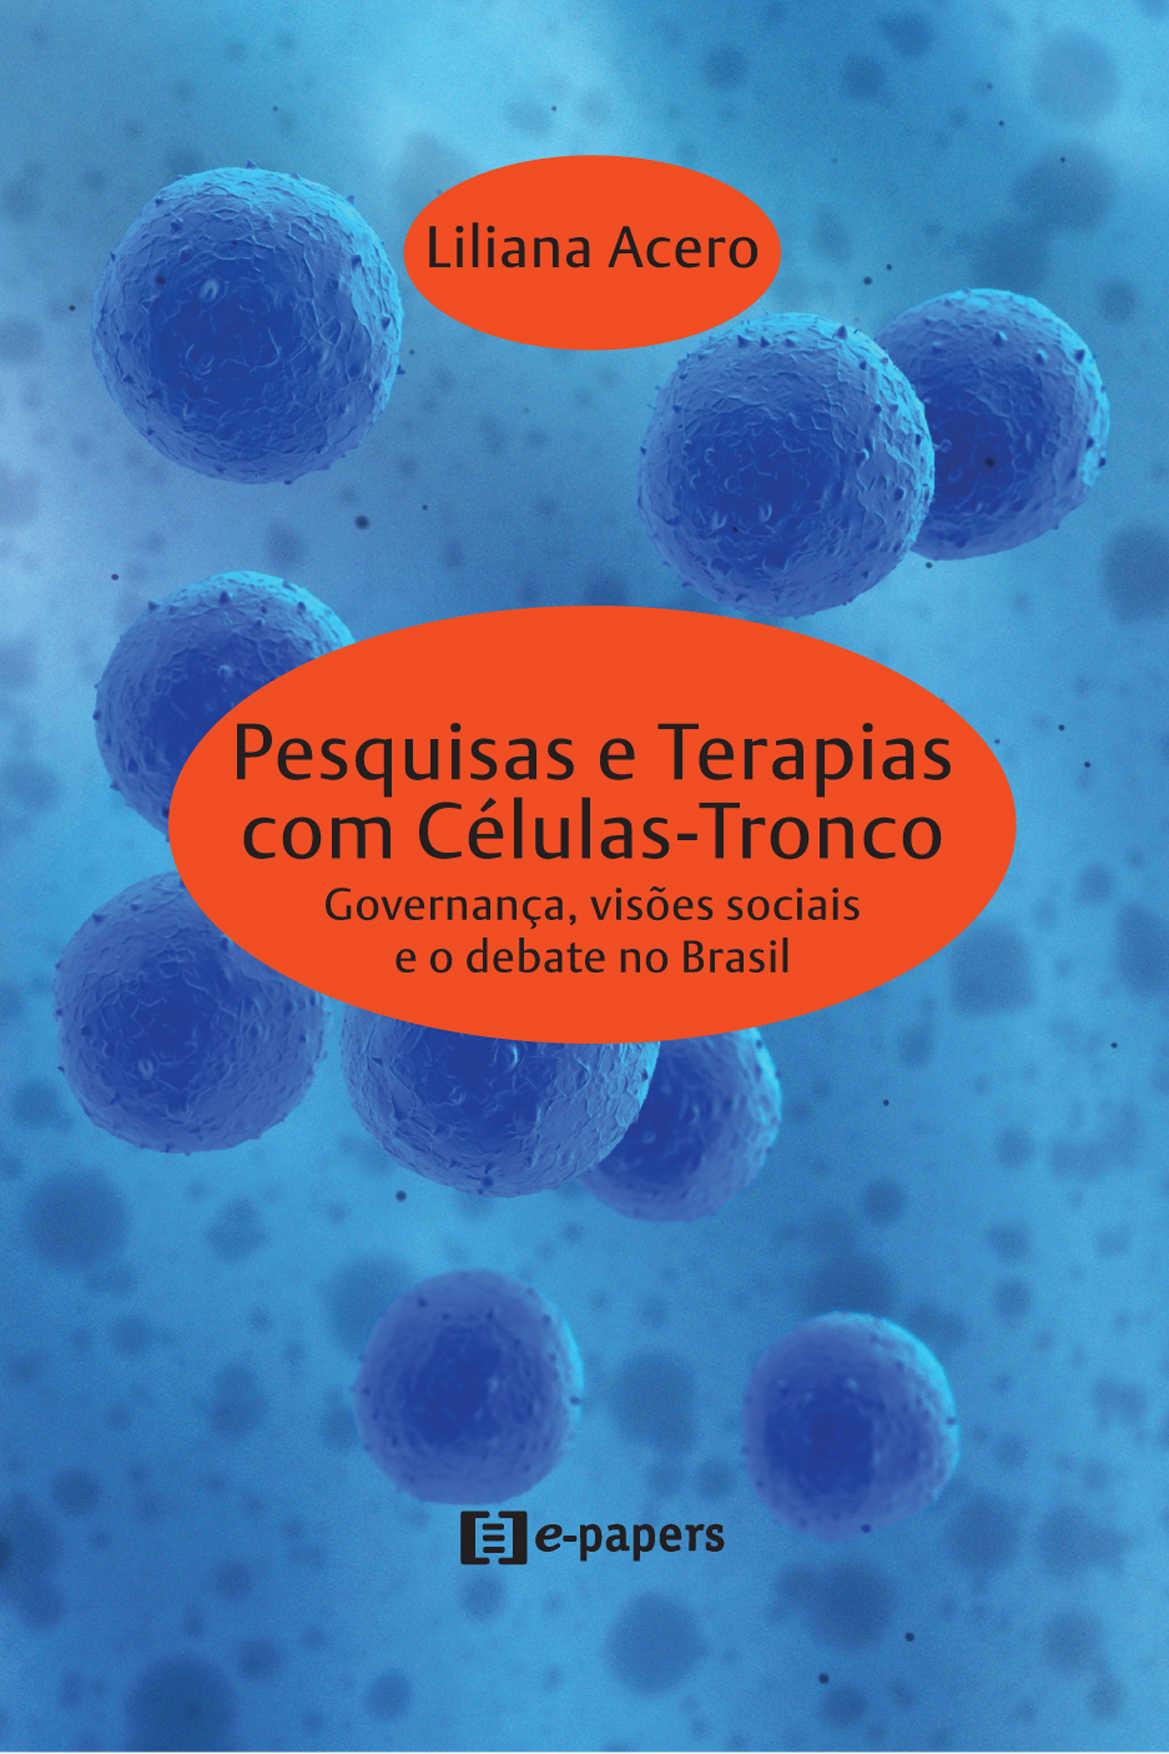 Pesquisas e Terapias com Células-Tronco: Governança, visões sociais e o debate no Brasil